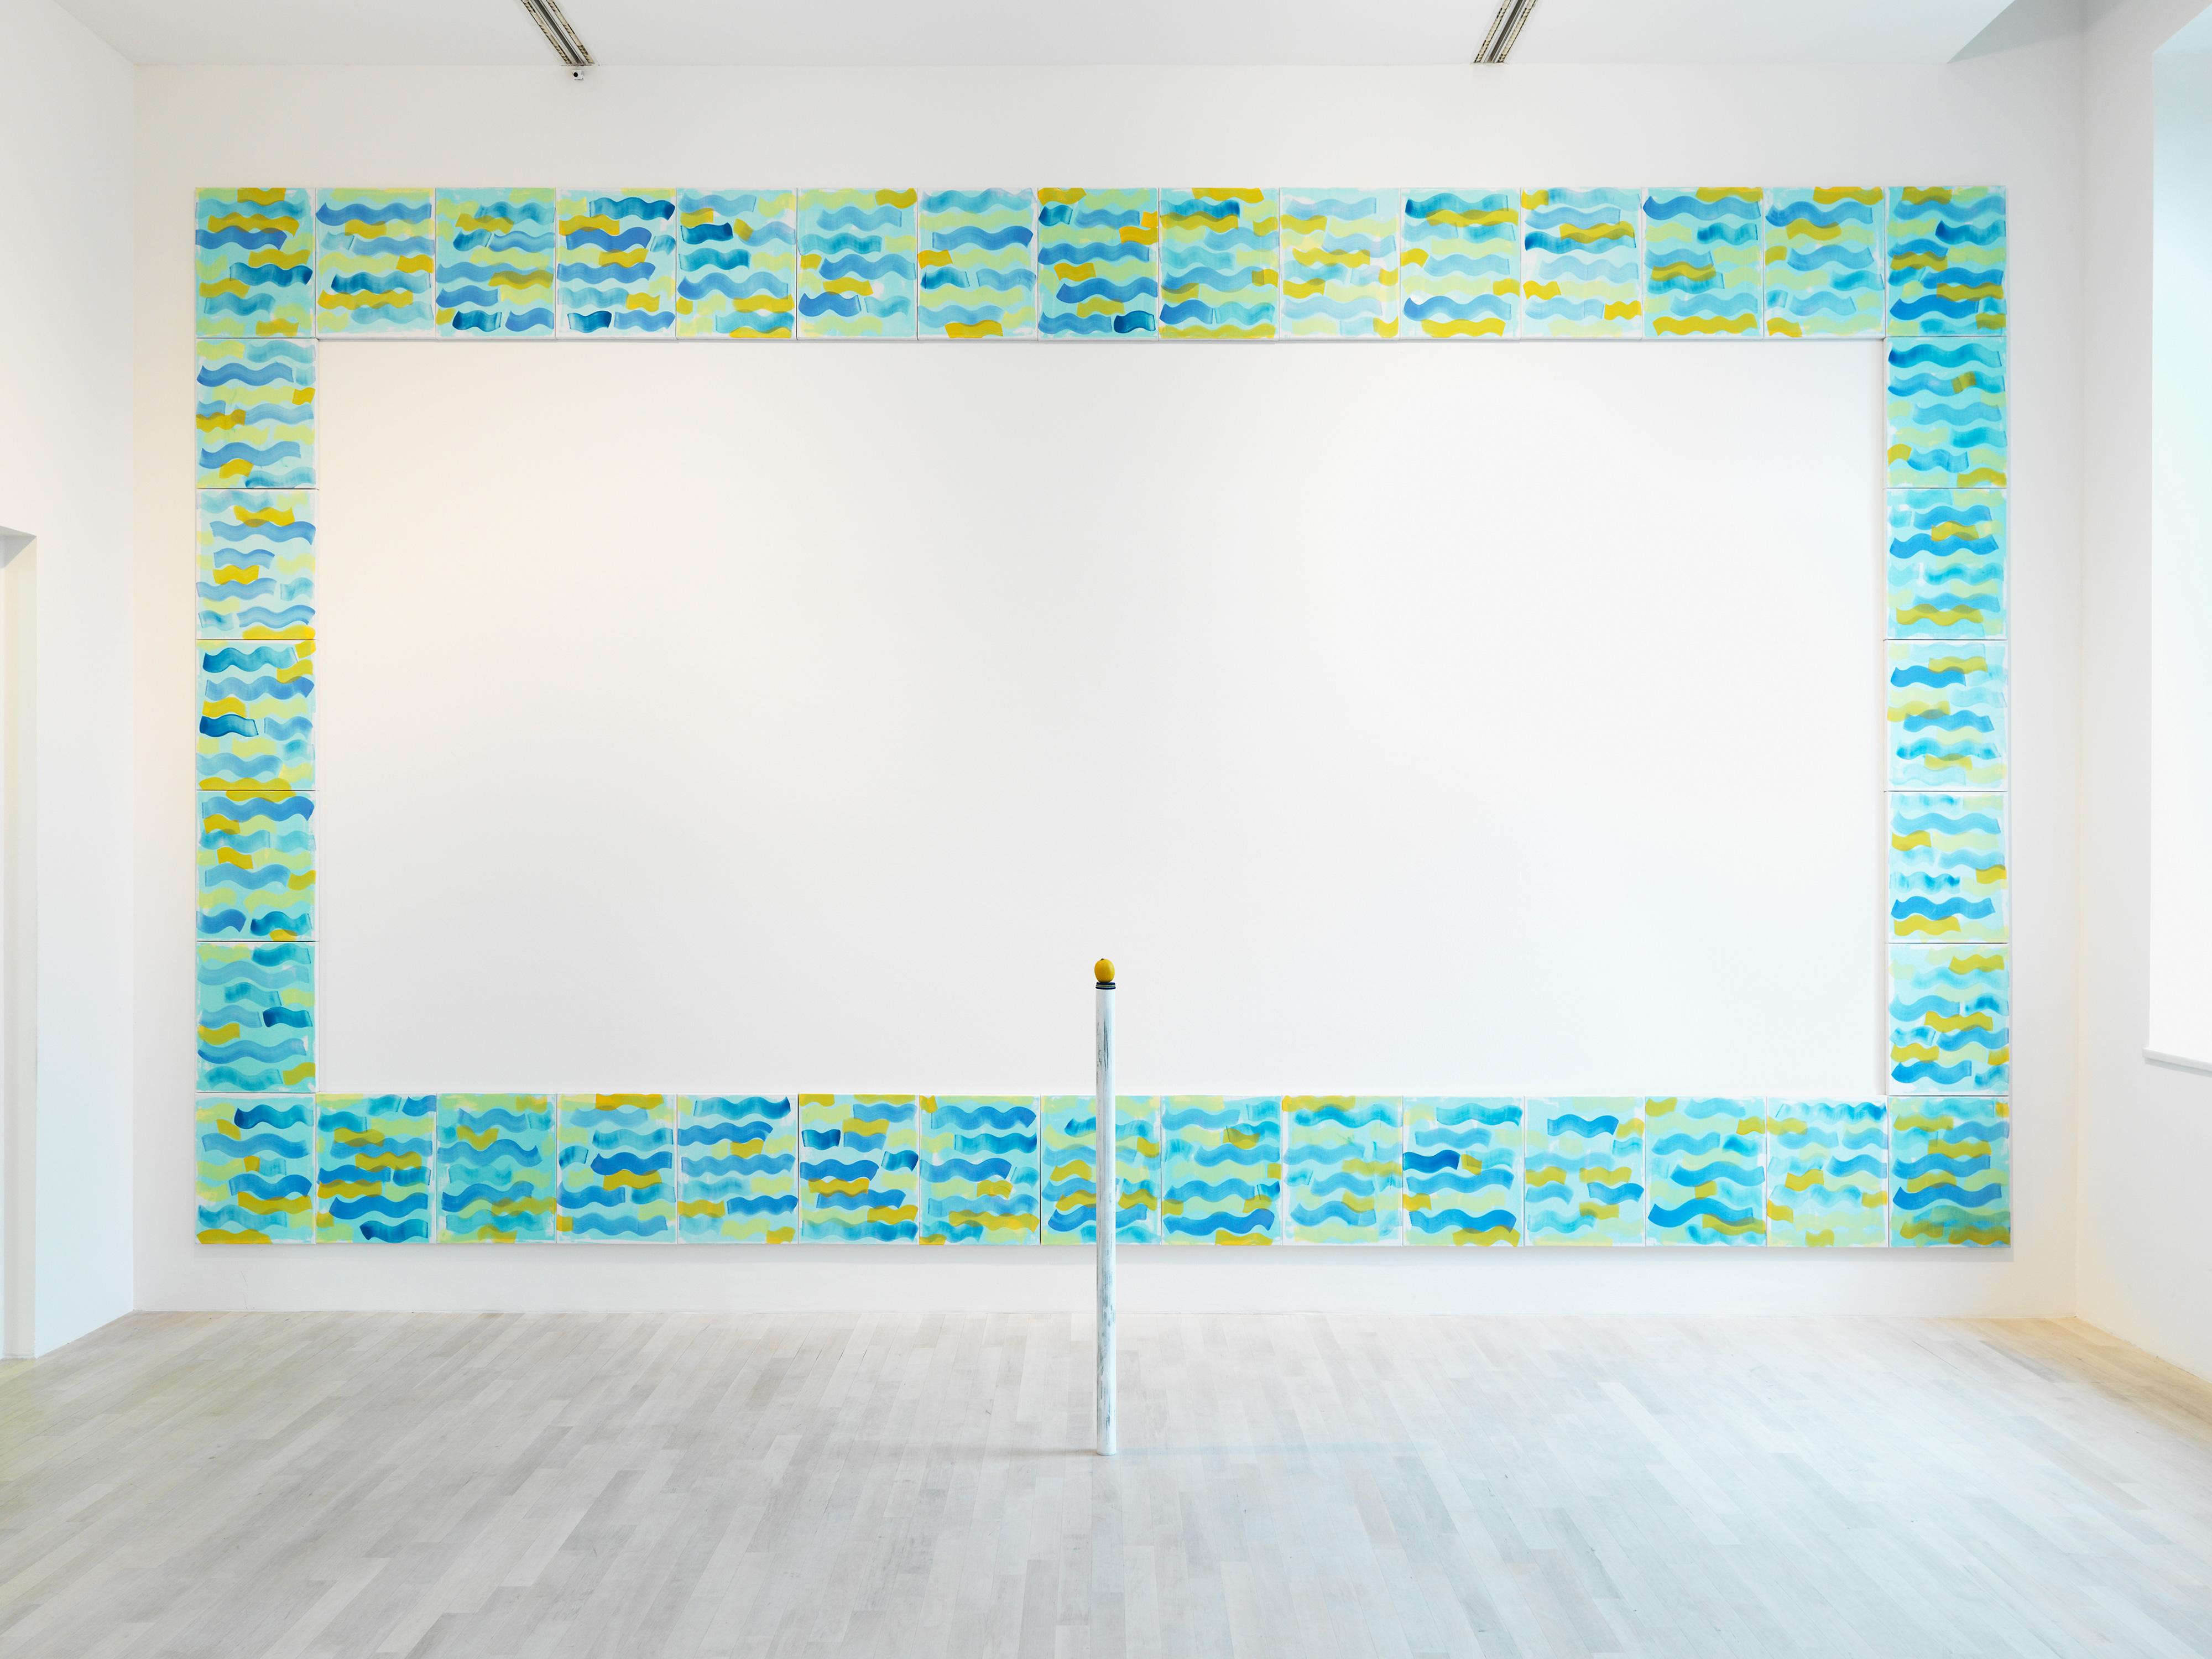 Galerie Barbara Thumm \ Diango Hernández – Beach, a longing – Kunstsammlung Nordrhein Westfalen, K21, Dusseldorf